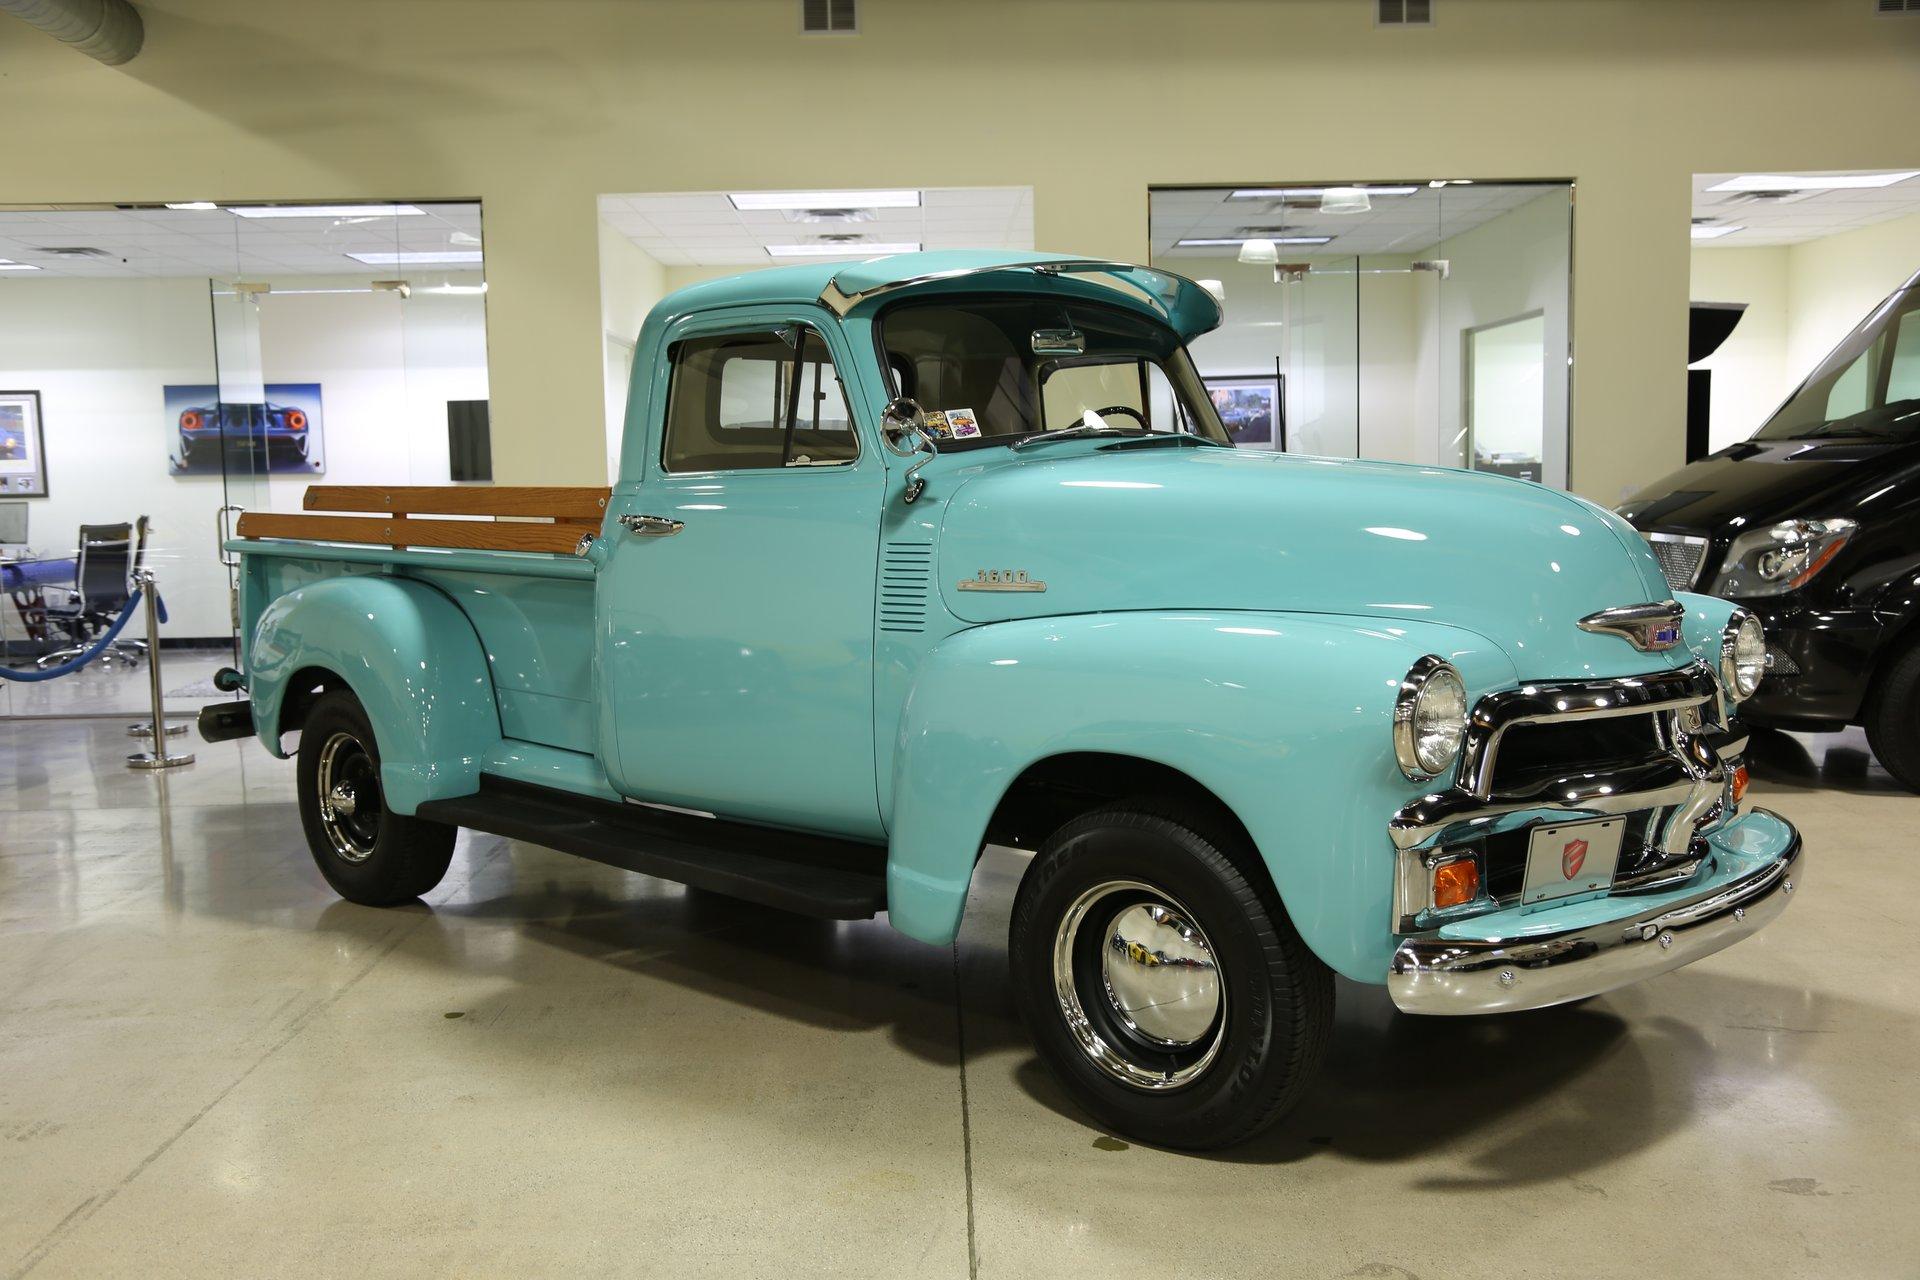 1954 Chevrolet 3600 | Fusion Luxury Motors